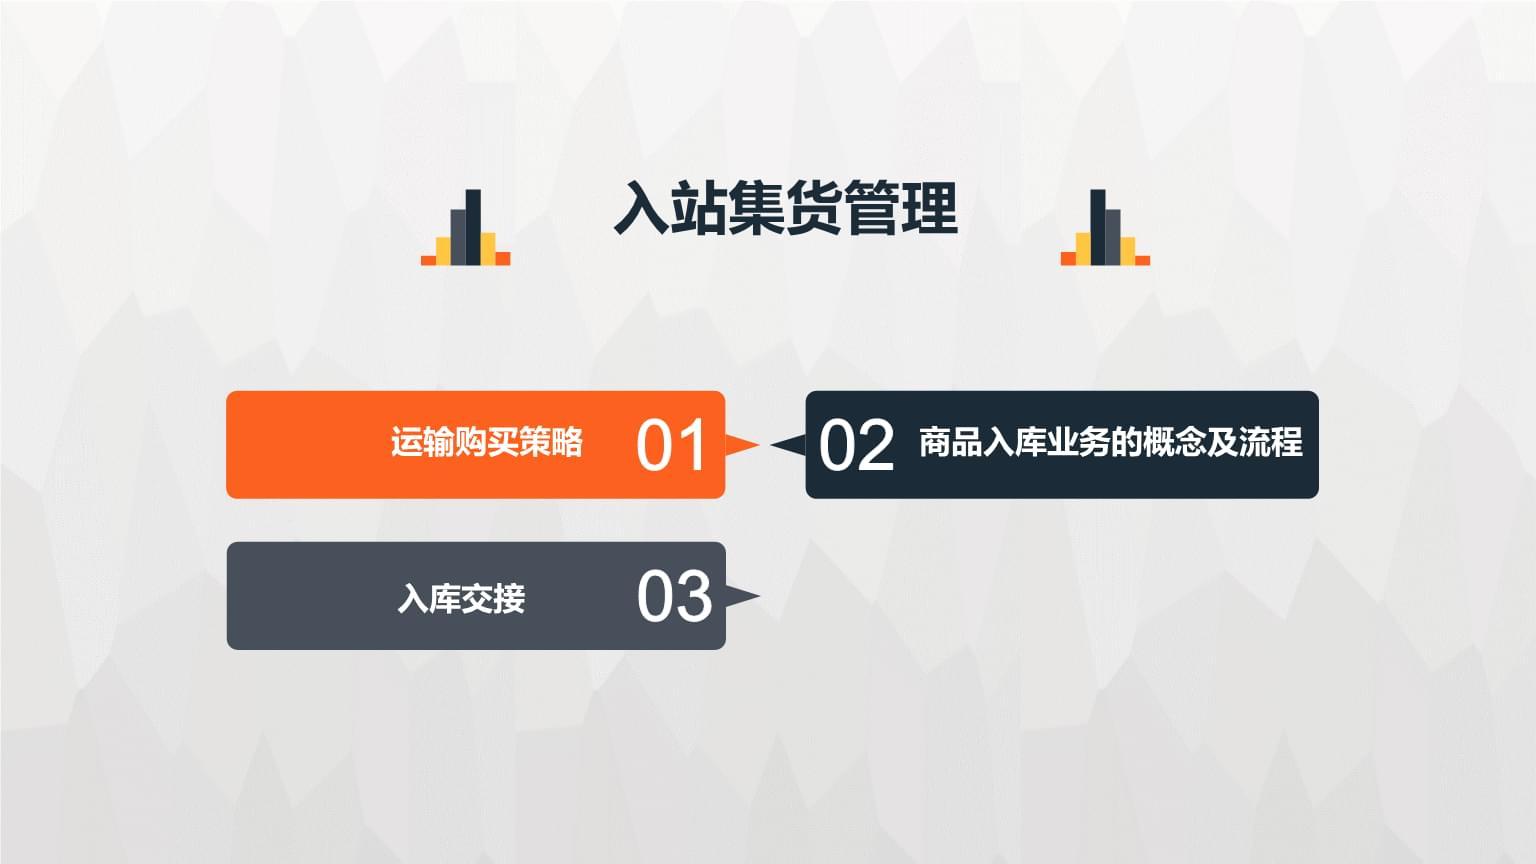 运输管理 第一节 入站集货管理 入站集货管理.pptx